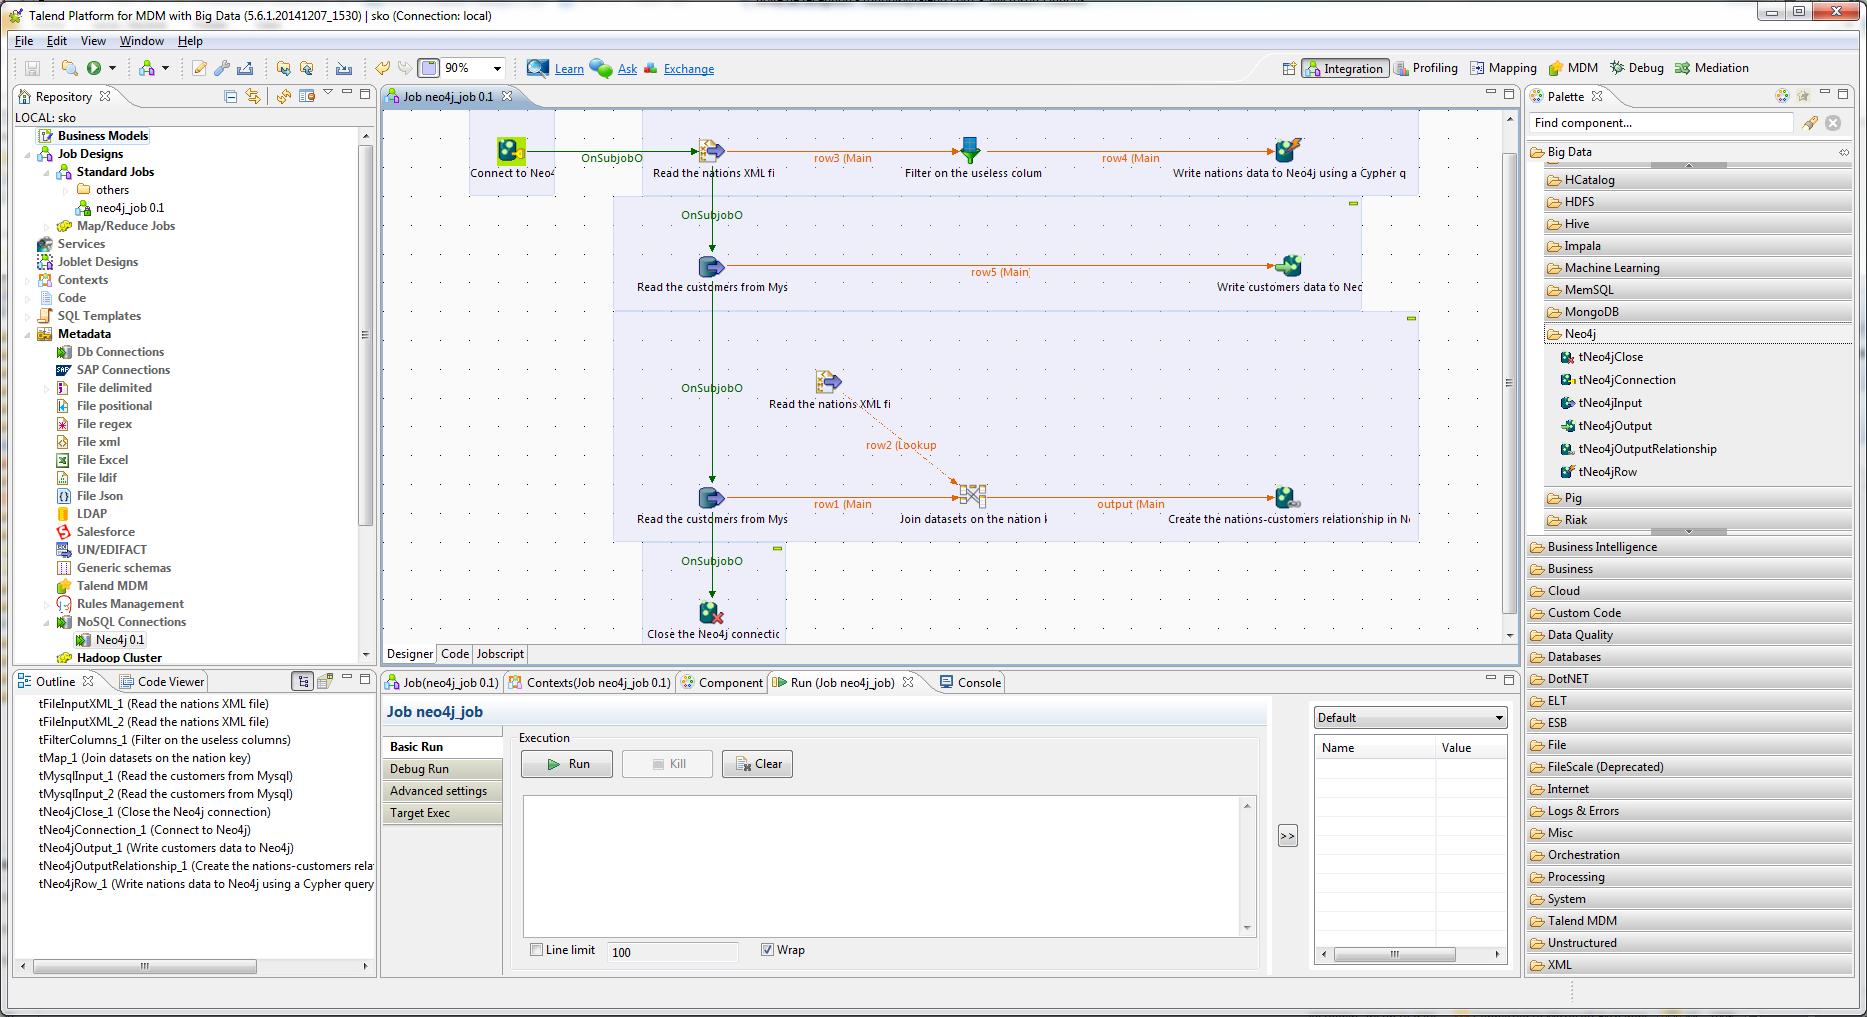 L'intelligence Client, pilier de la nouvelle plateforme digitale de la BANQUE CANTONALE de FRIBOURG